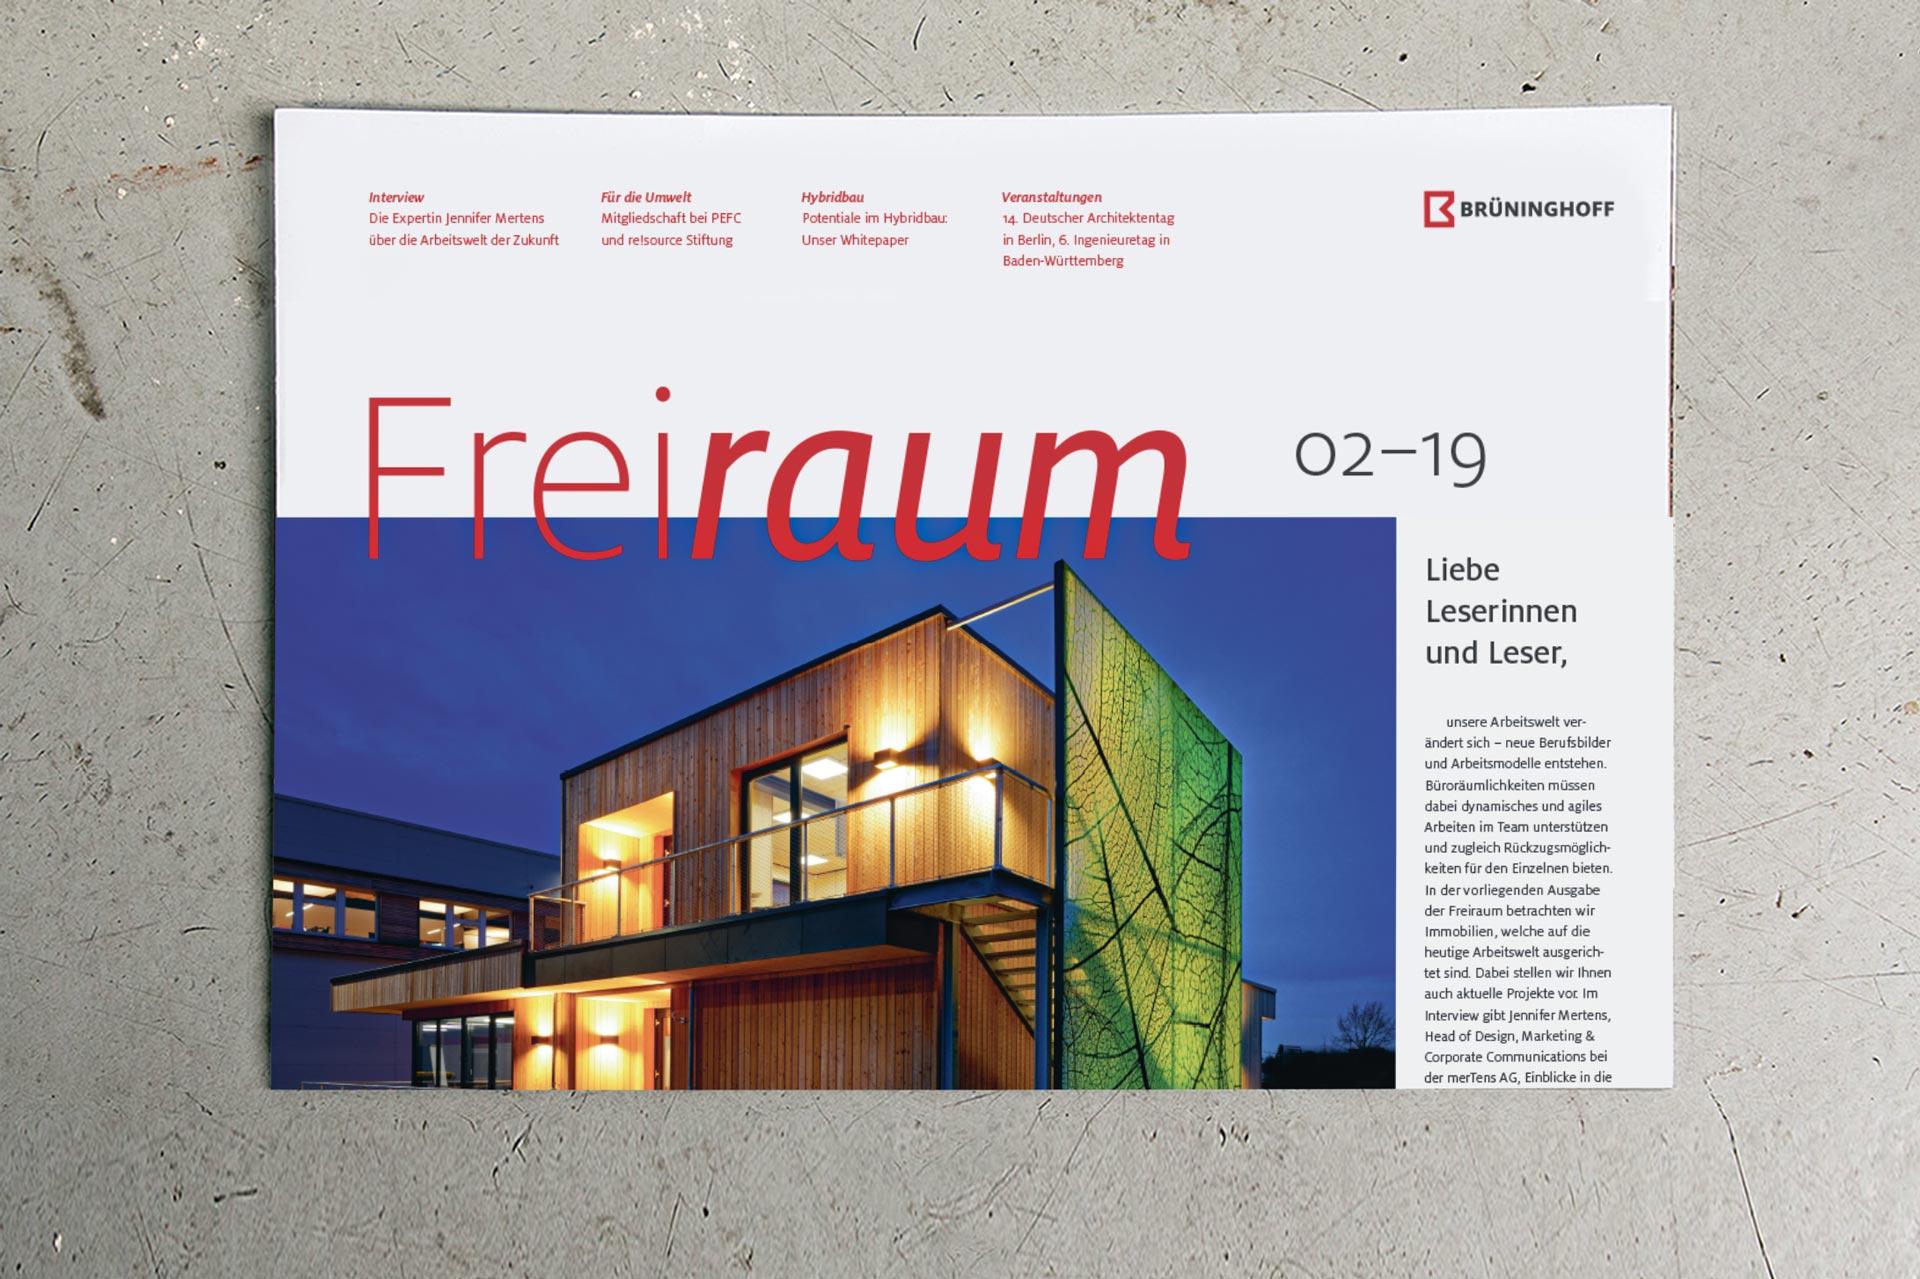 Corporate Publishing im Corporate Design: Kunden- und Mitarbeitermagazin von Brüninghoff